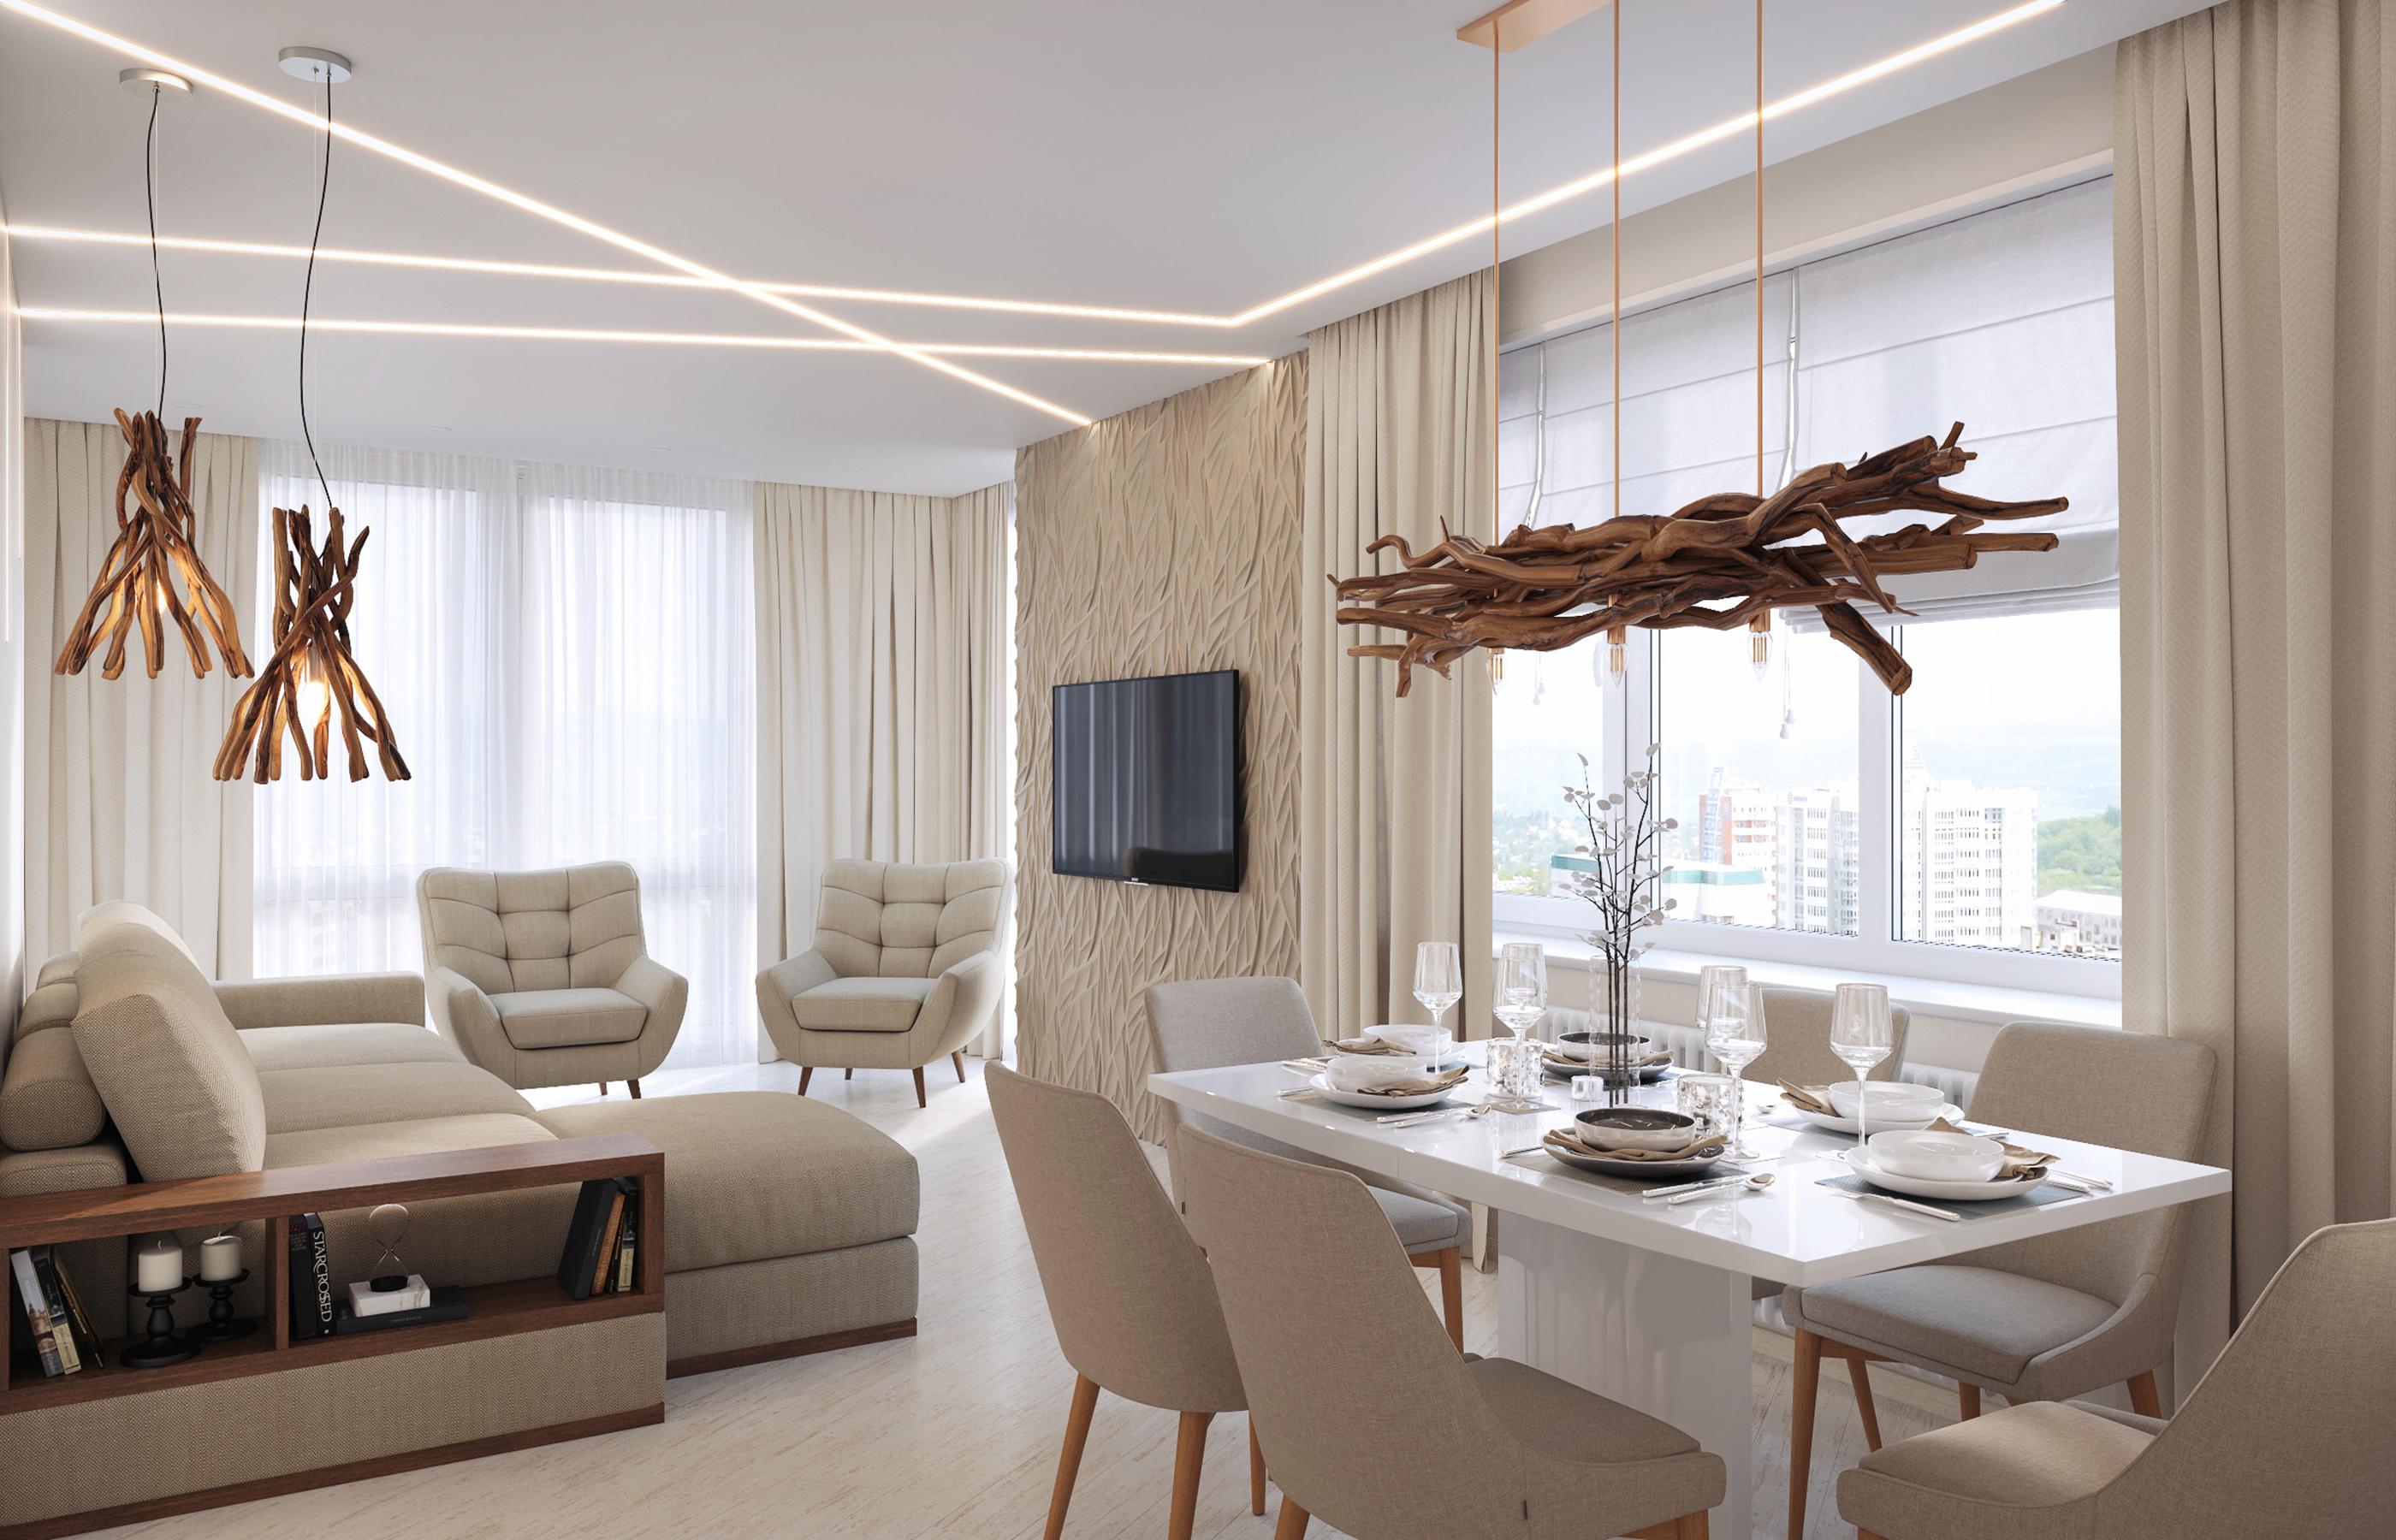 Дизайн интерьера гостиной в минималистичном стиле, но при этом, в теплой цветовой гамме